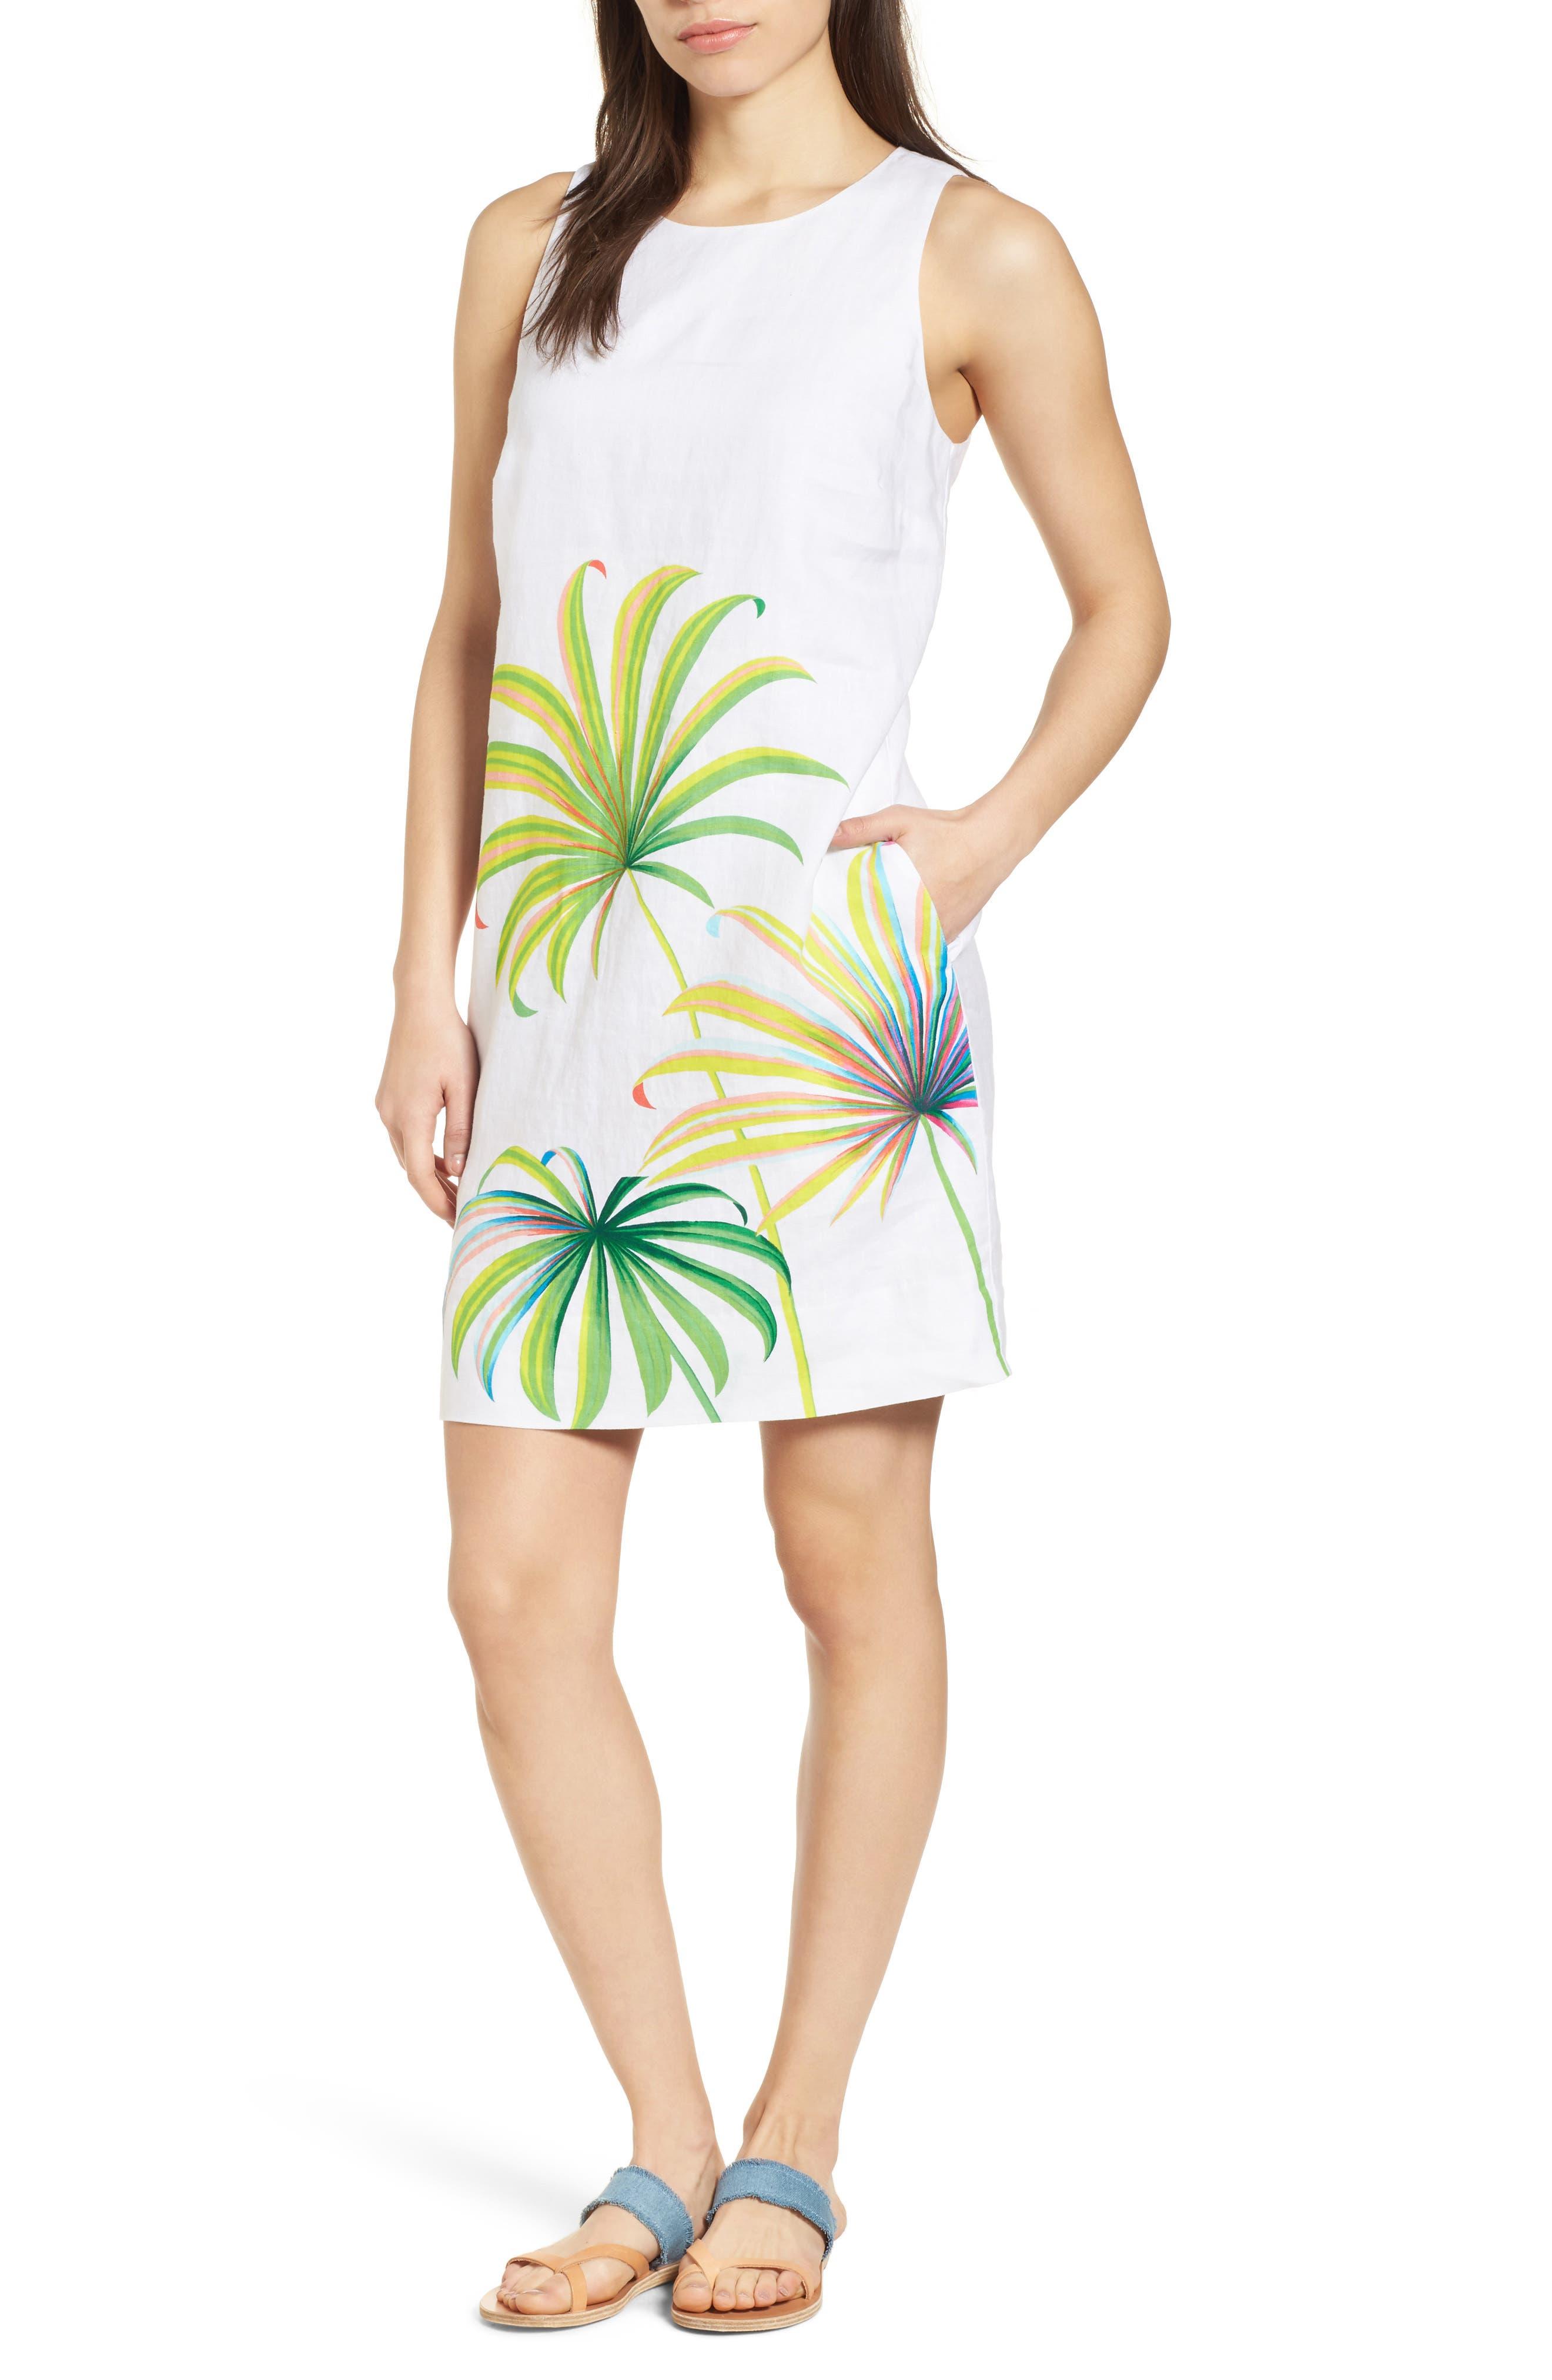 Cricue de Palm Shift Dress,                             Main thumbnail 1, color,                             White